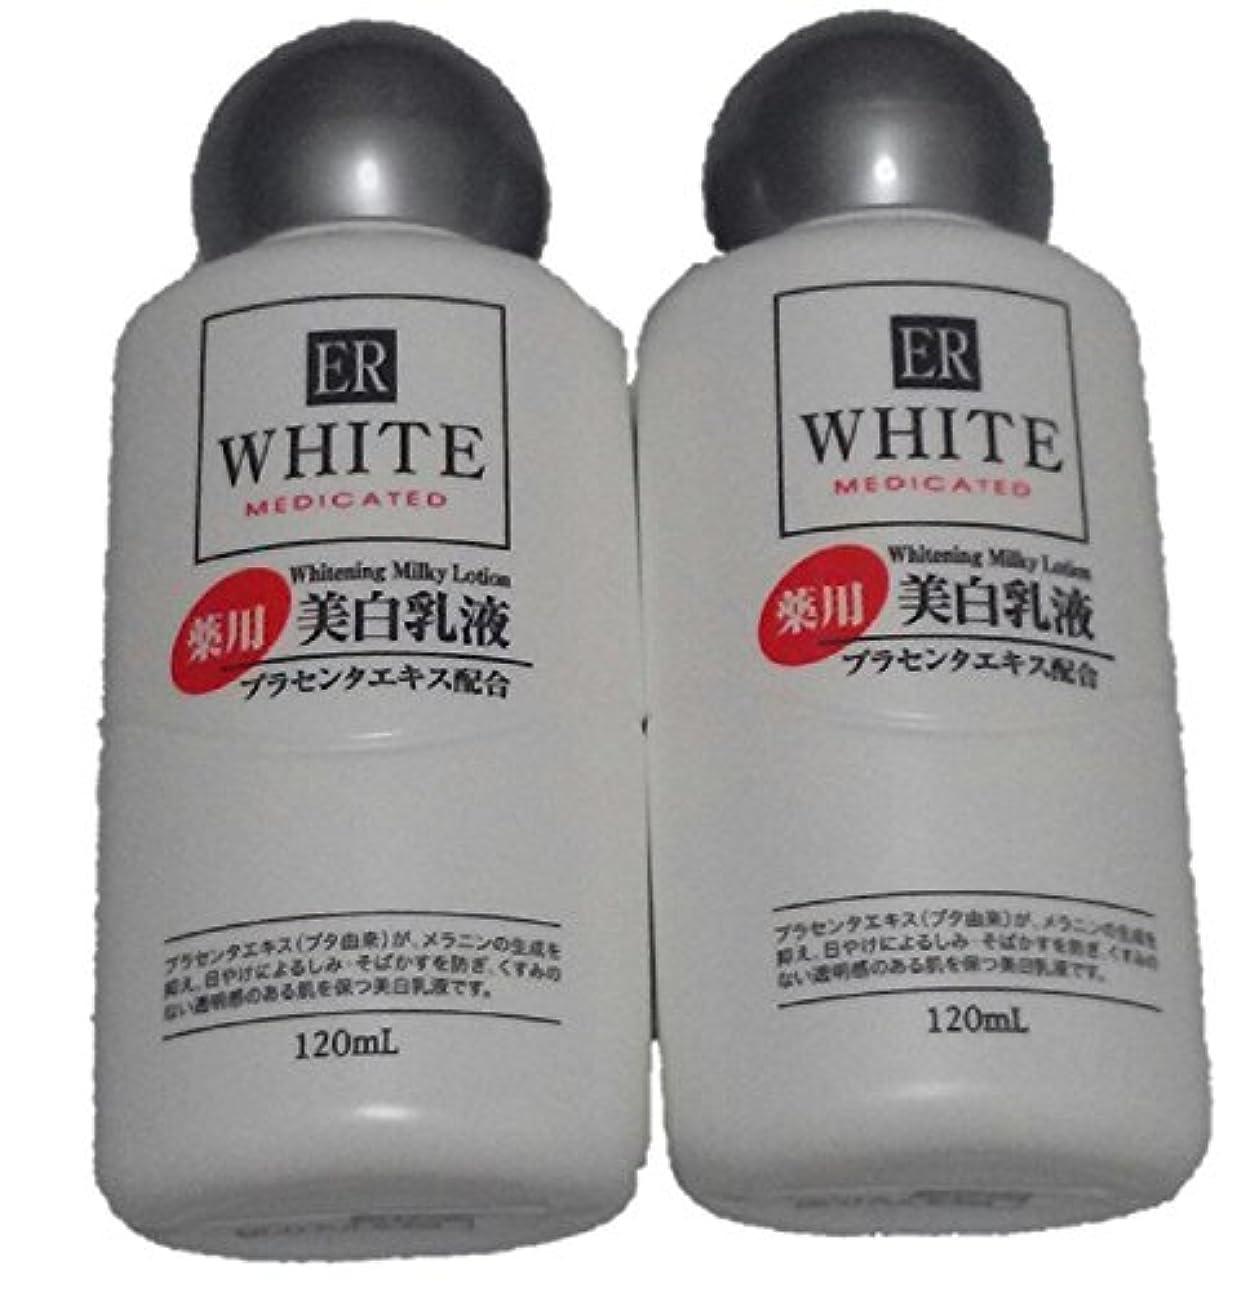 着服アクティビティ原子炉【2本セット】コスモホワイトニングミルク 120ml